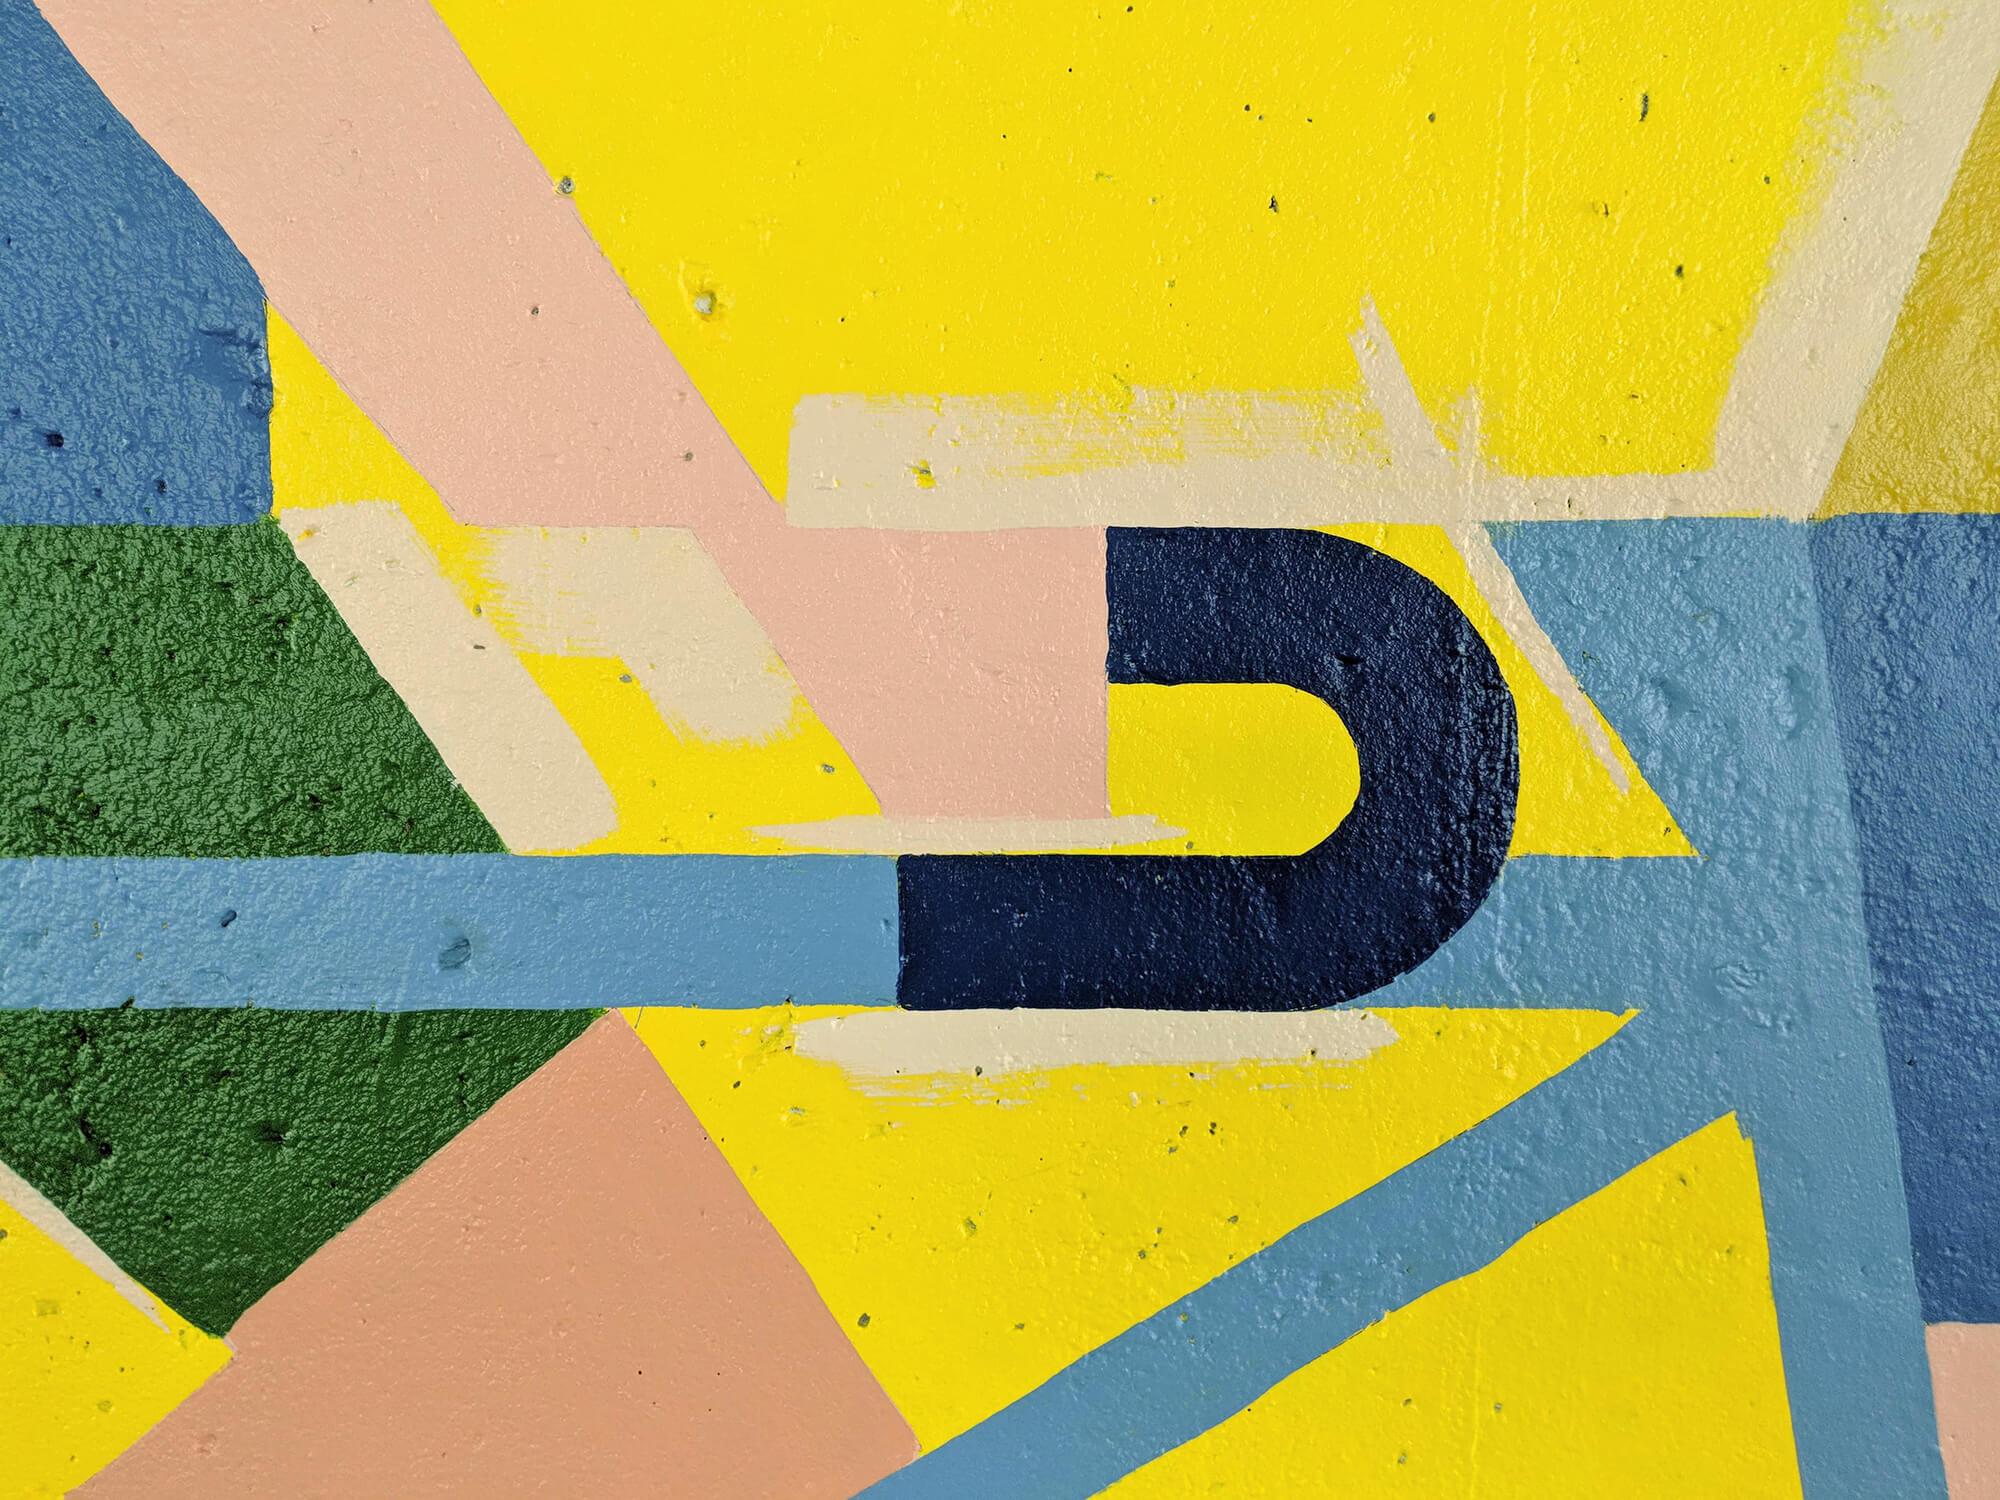 remoquillo-tandem-bike-mural-12.jpg